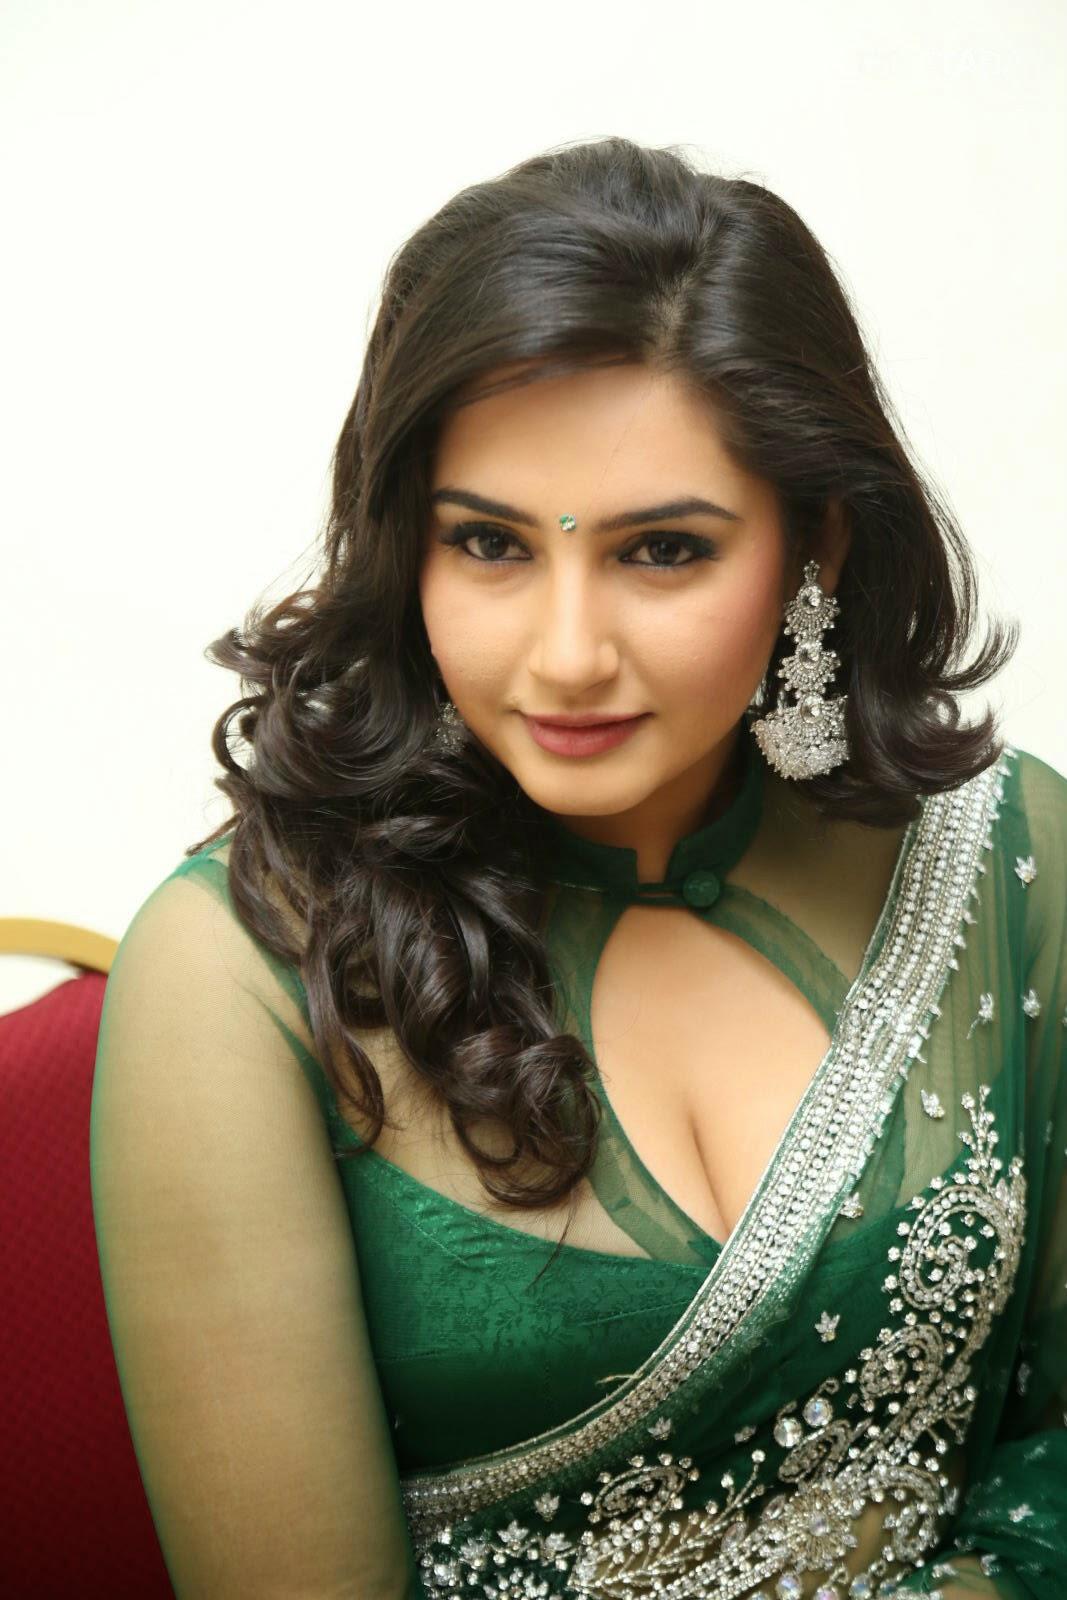 Hot bhabhi sexy image-4205